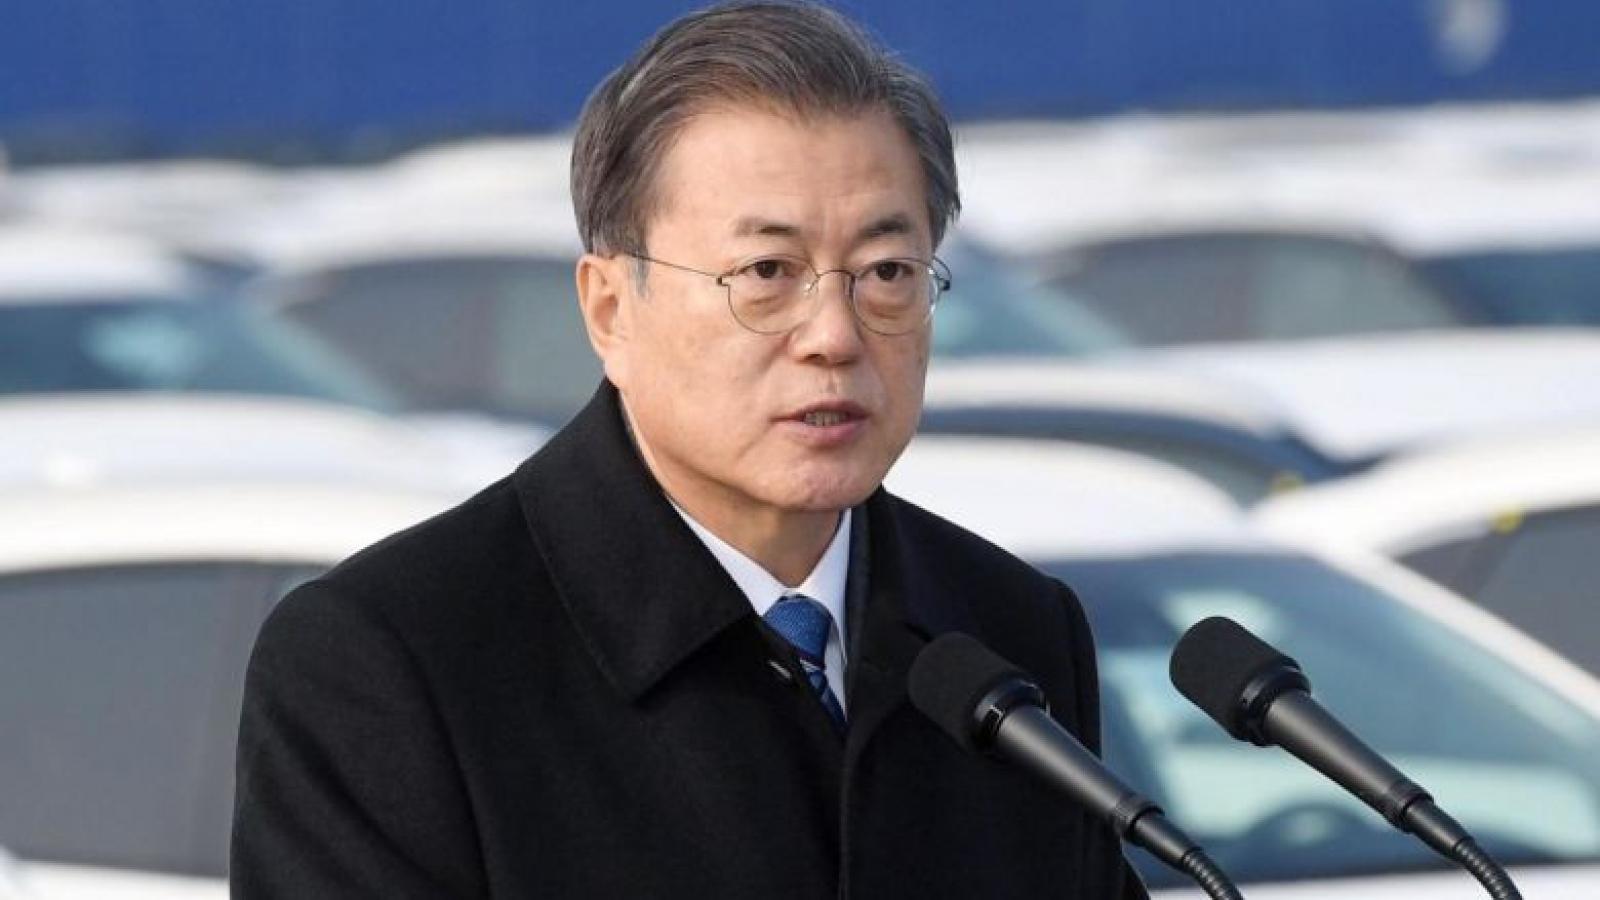 Đảng cầm quyền Hàn Quốc thắng ngoạn mục tại Tổng tuyển cử